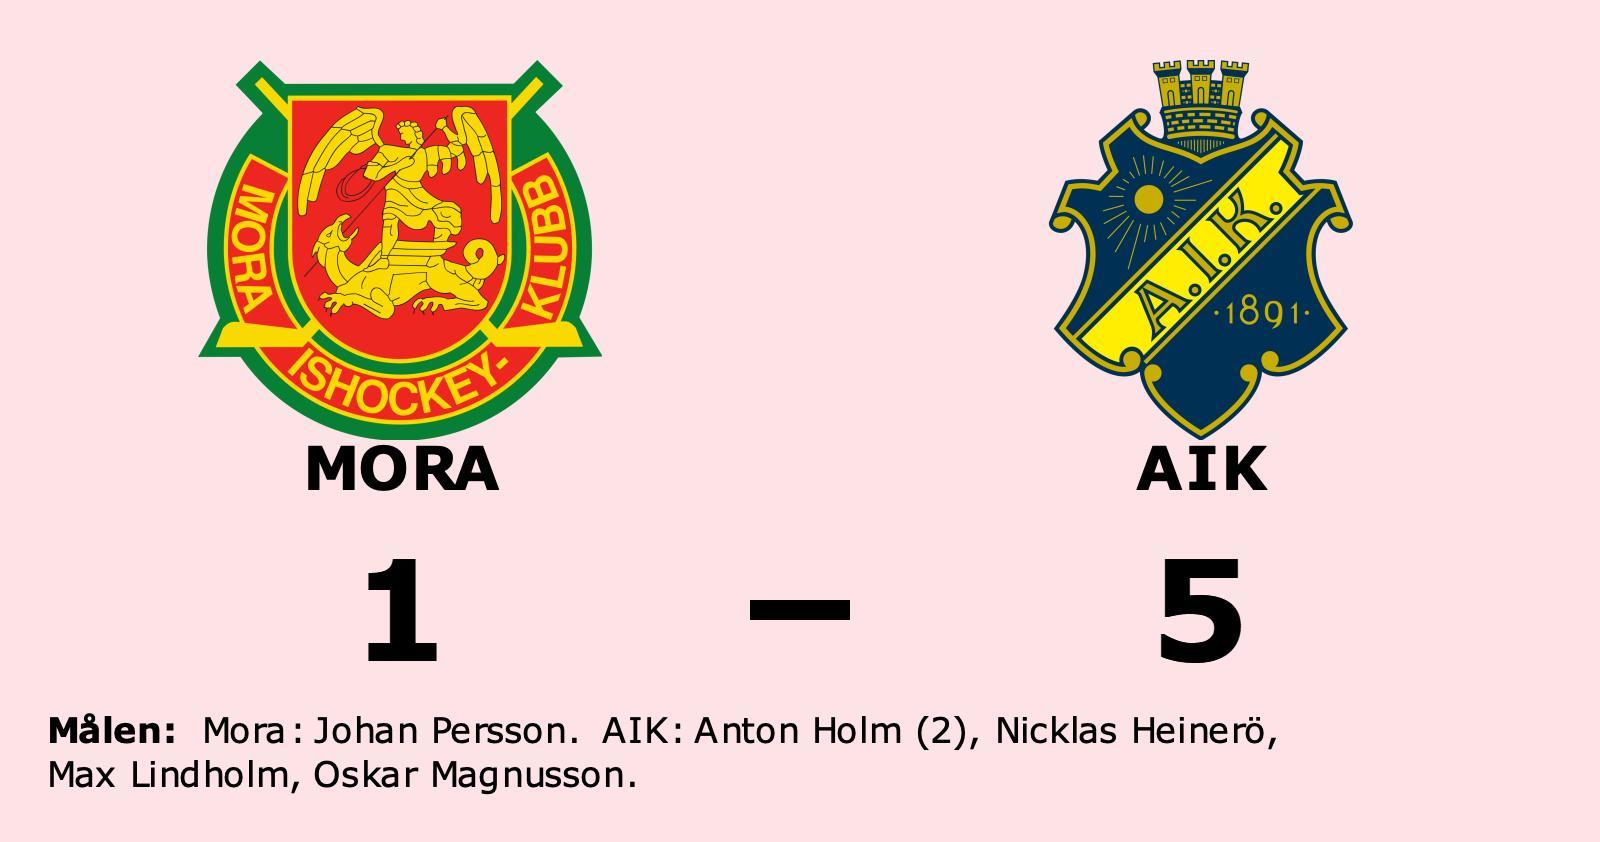 AIK segrare borta mot Mora